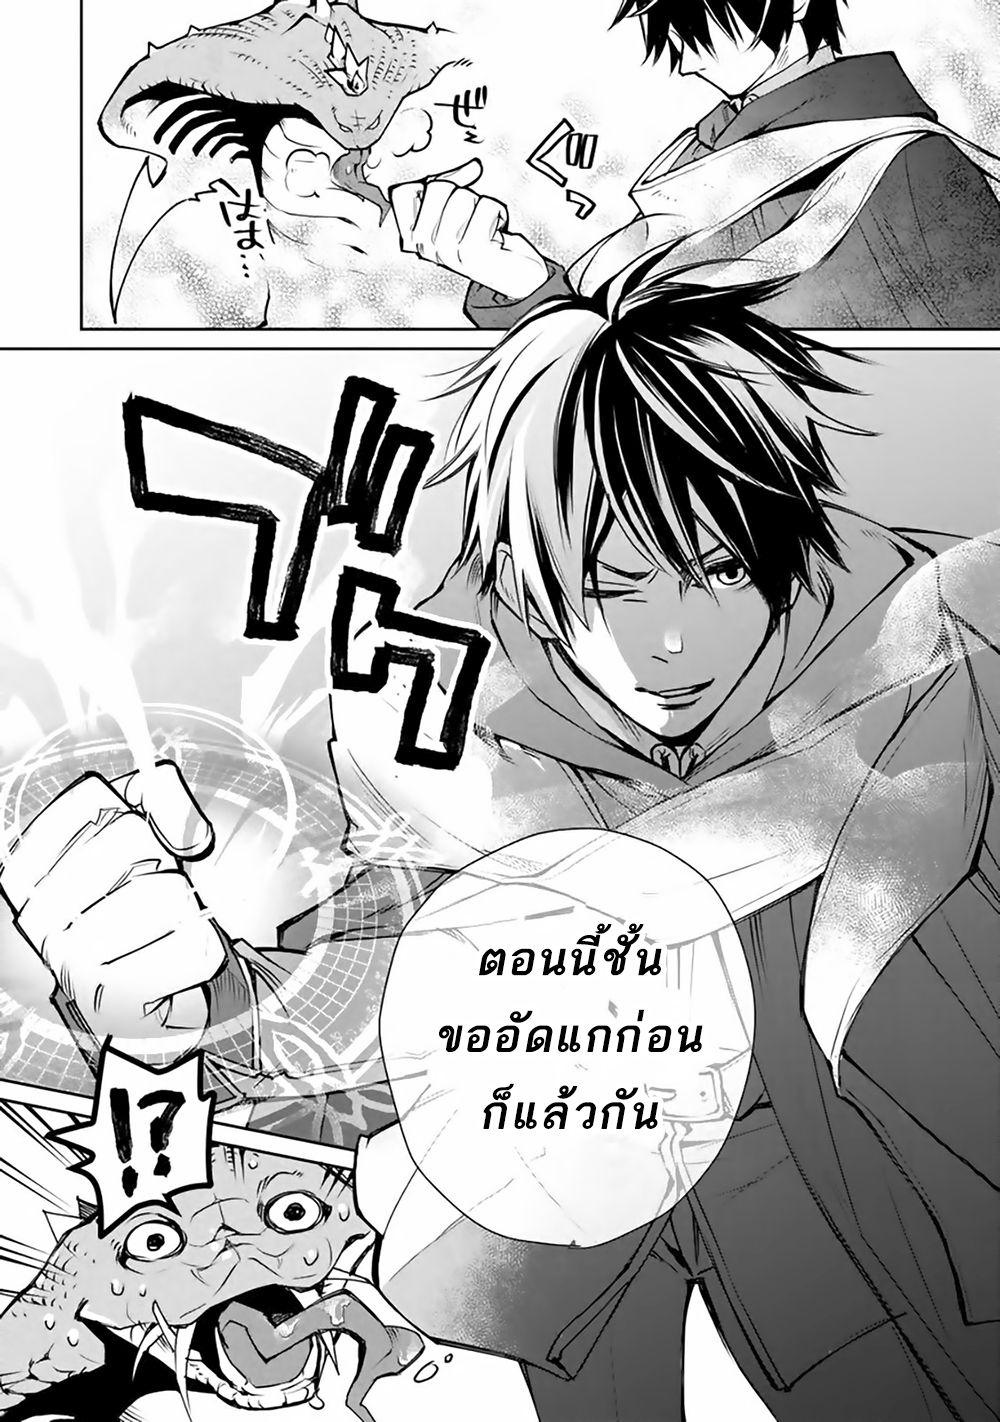 อ่านการ์ตูน Saikyo no mado-shi. Hiza ni ya o ukete shimattanode inaka no eihei ni naru ตอนที่ 1.3 หน้าที่ 3